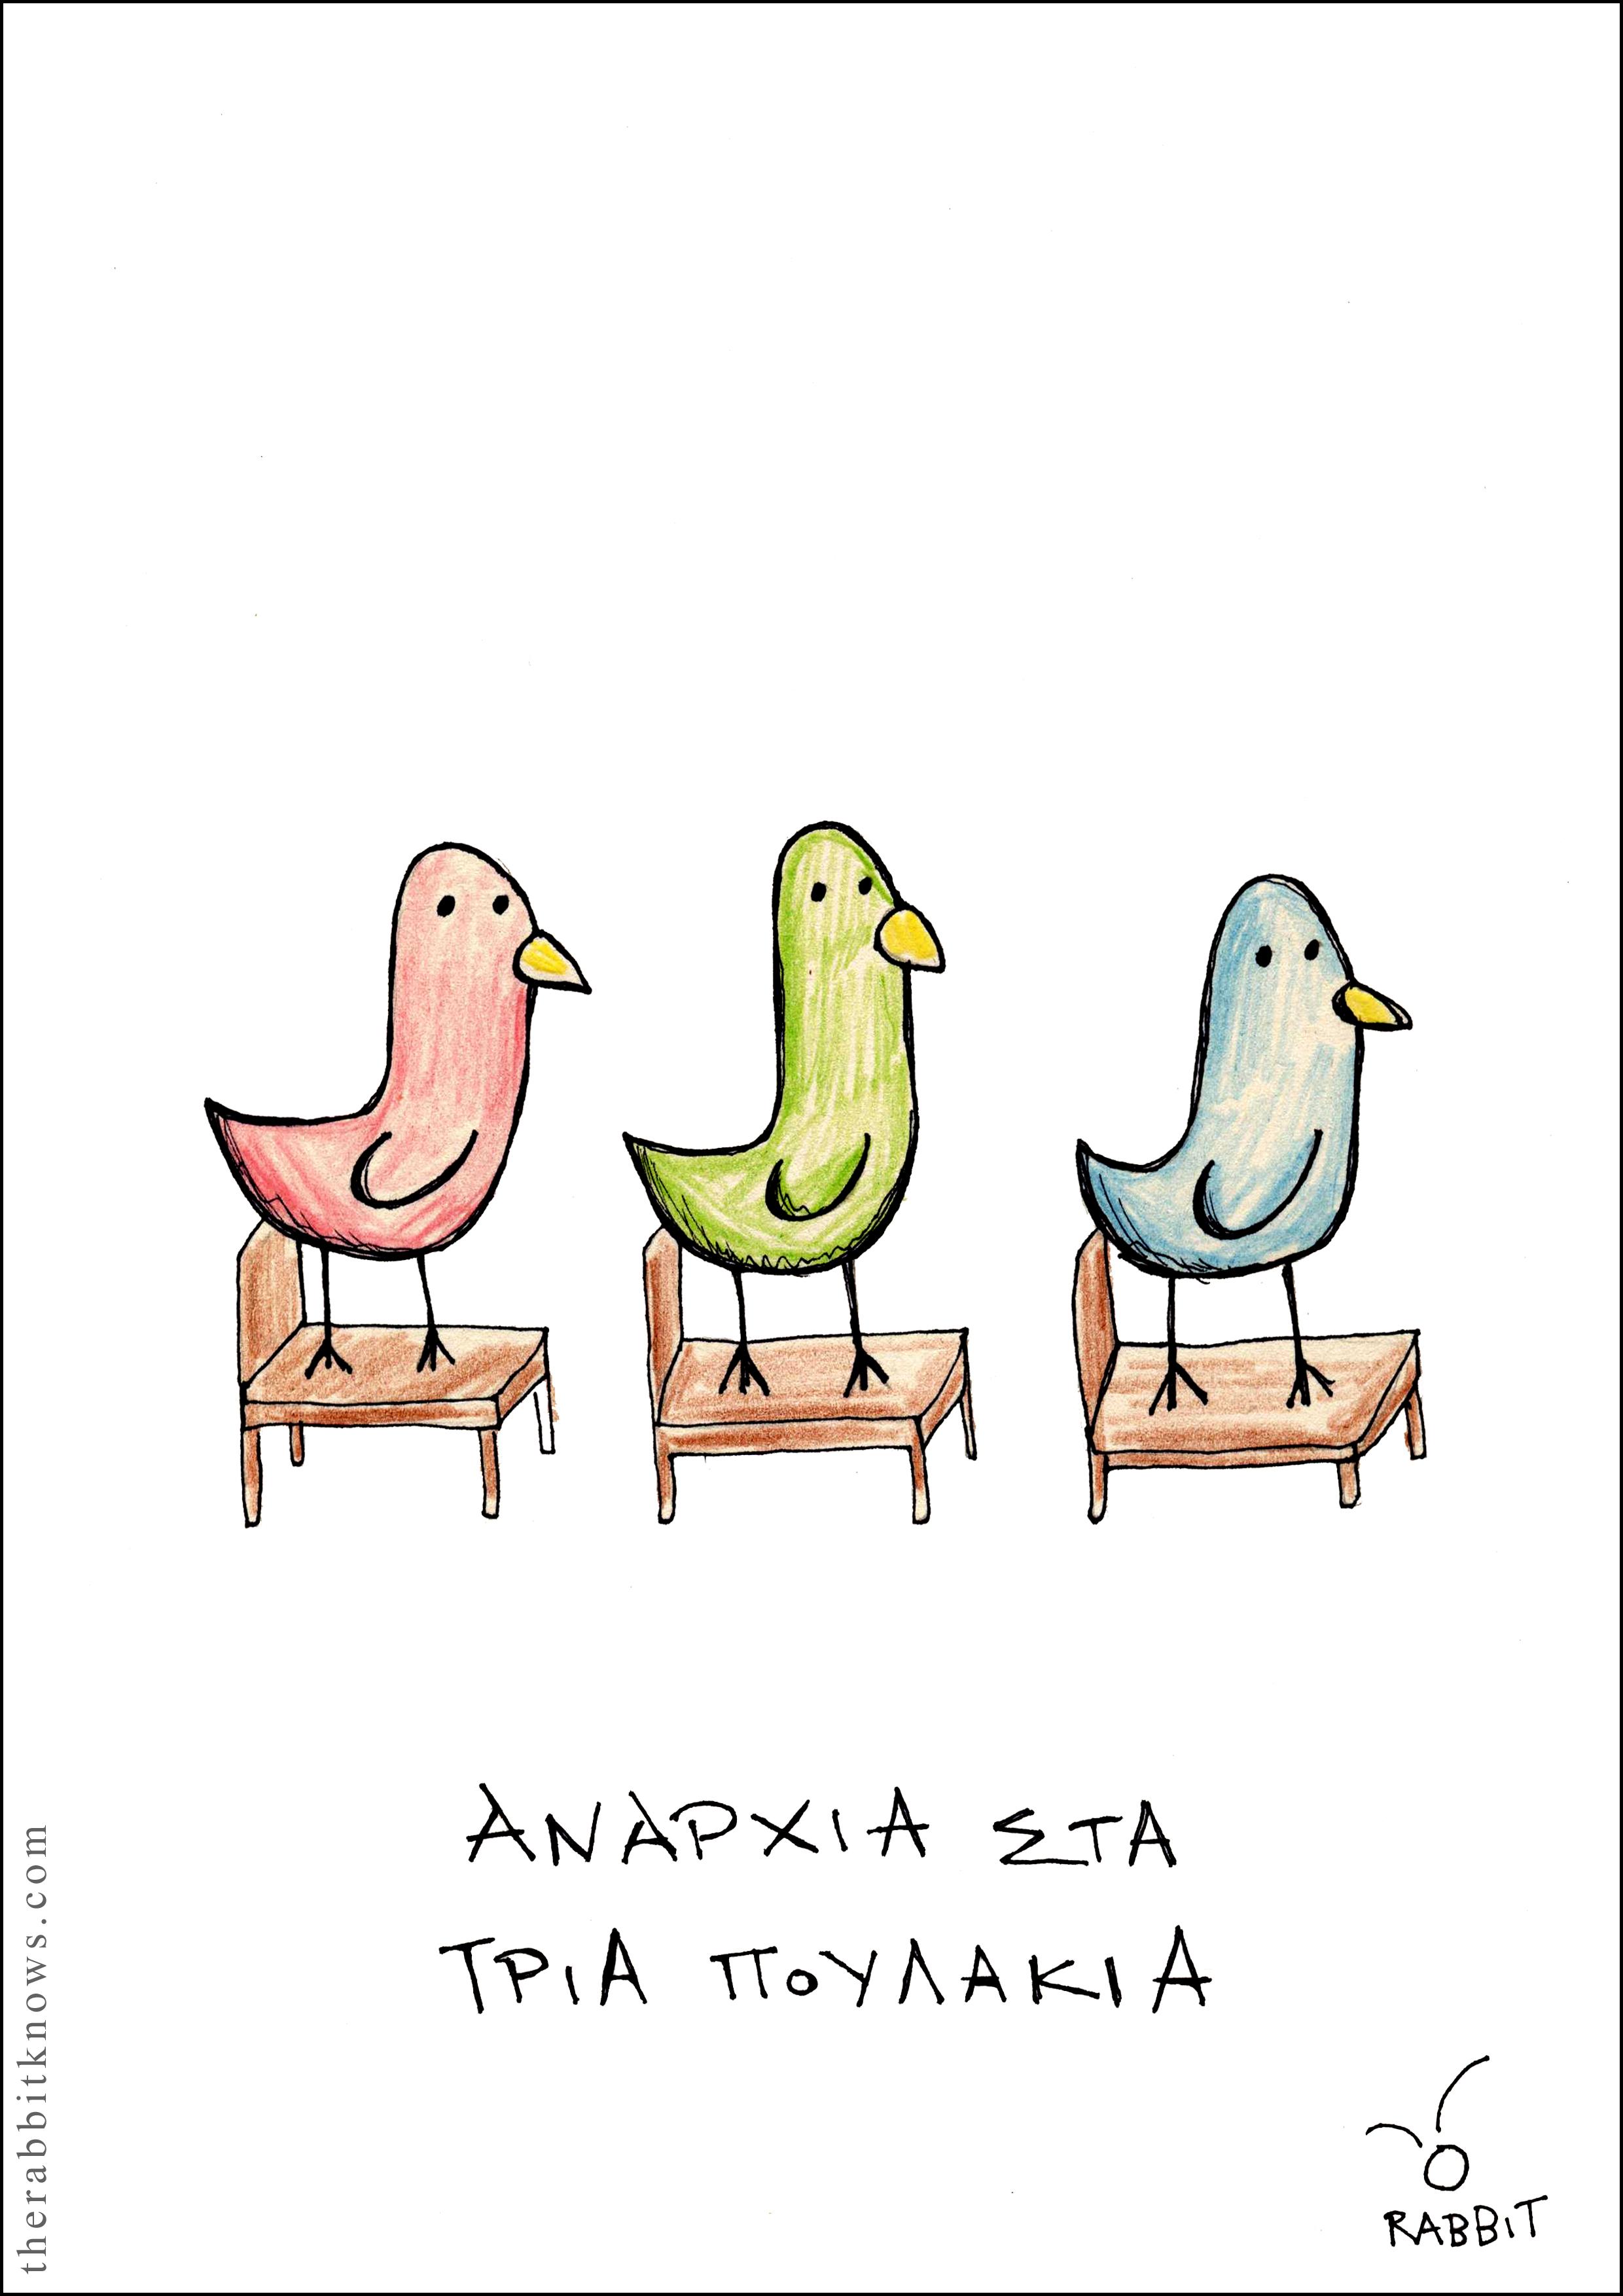 Αναρχία στα τρία πουλάκια